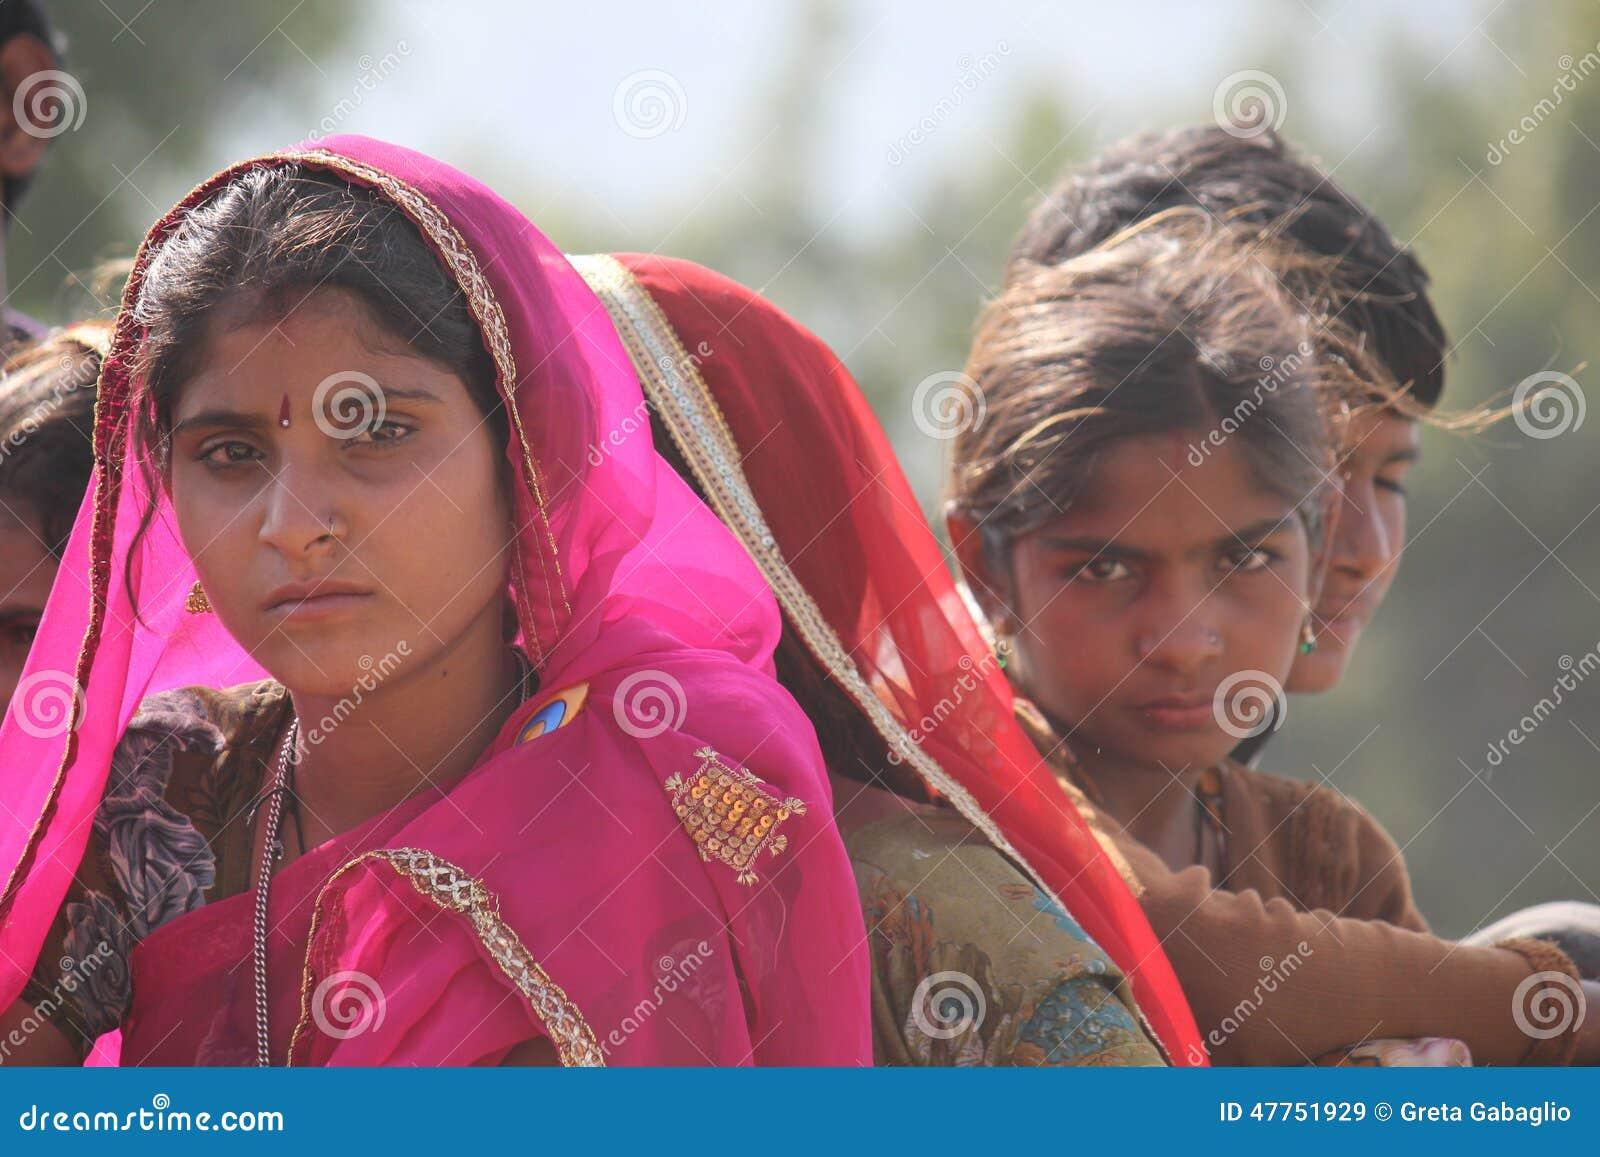 fair indian girls